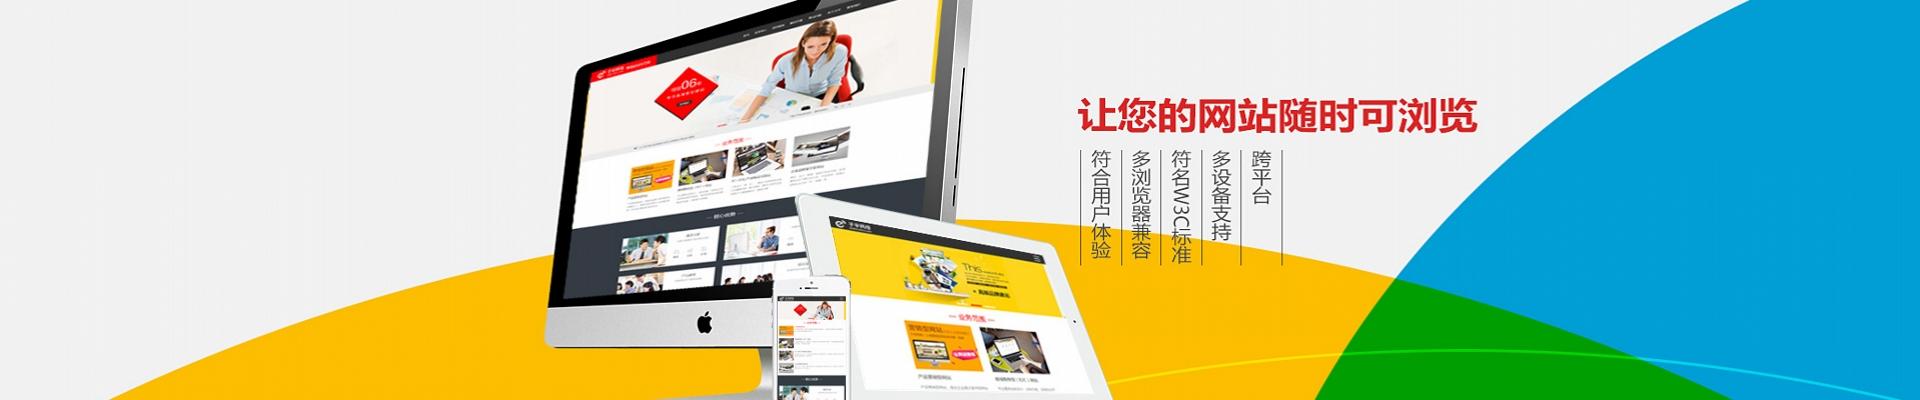 自適用式網站建設